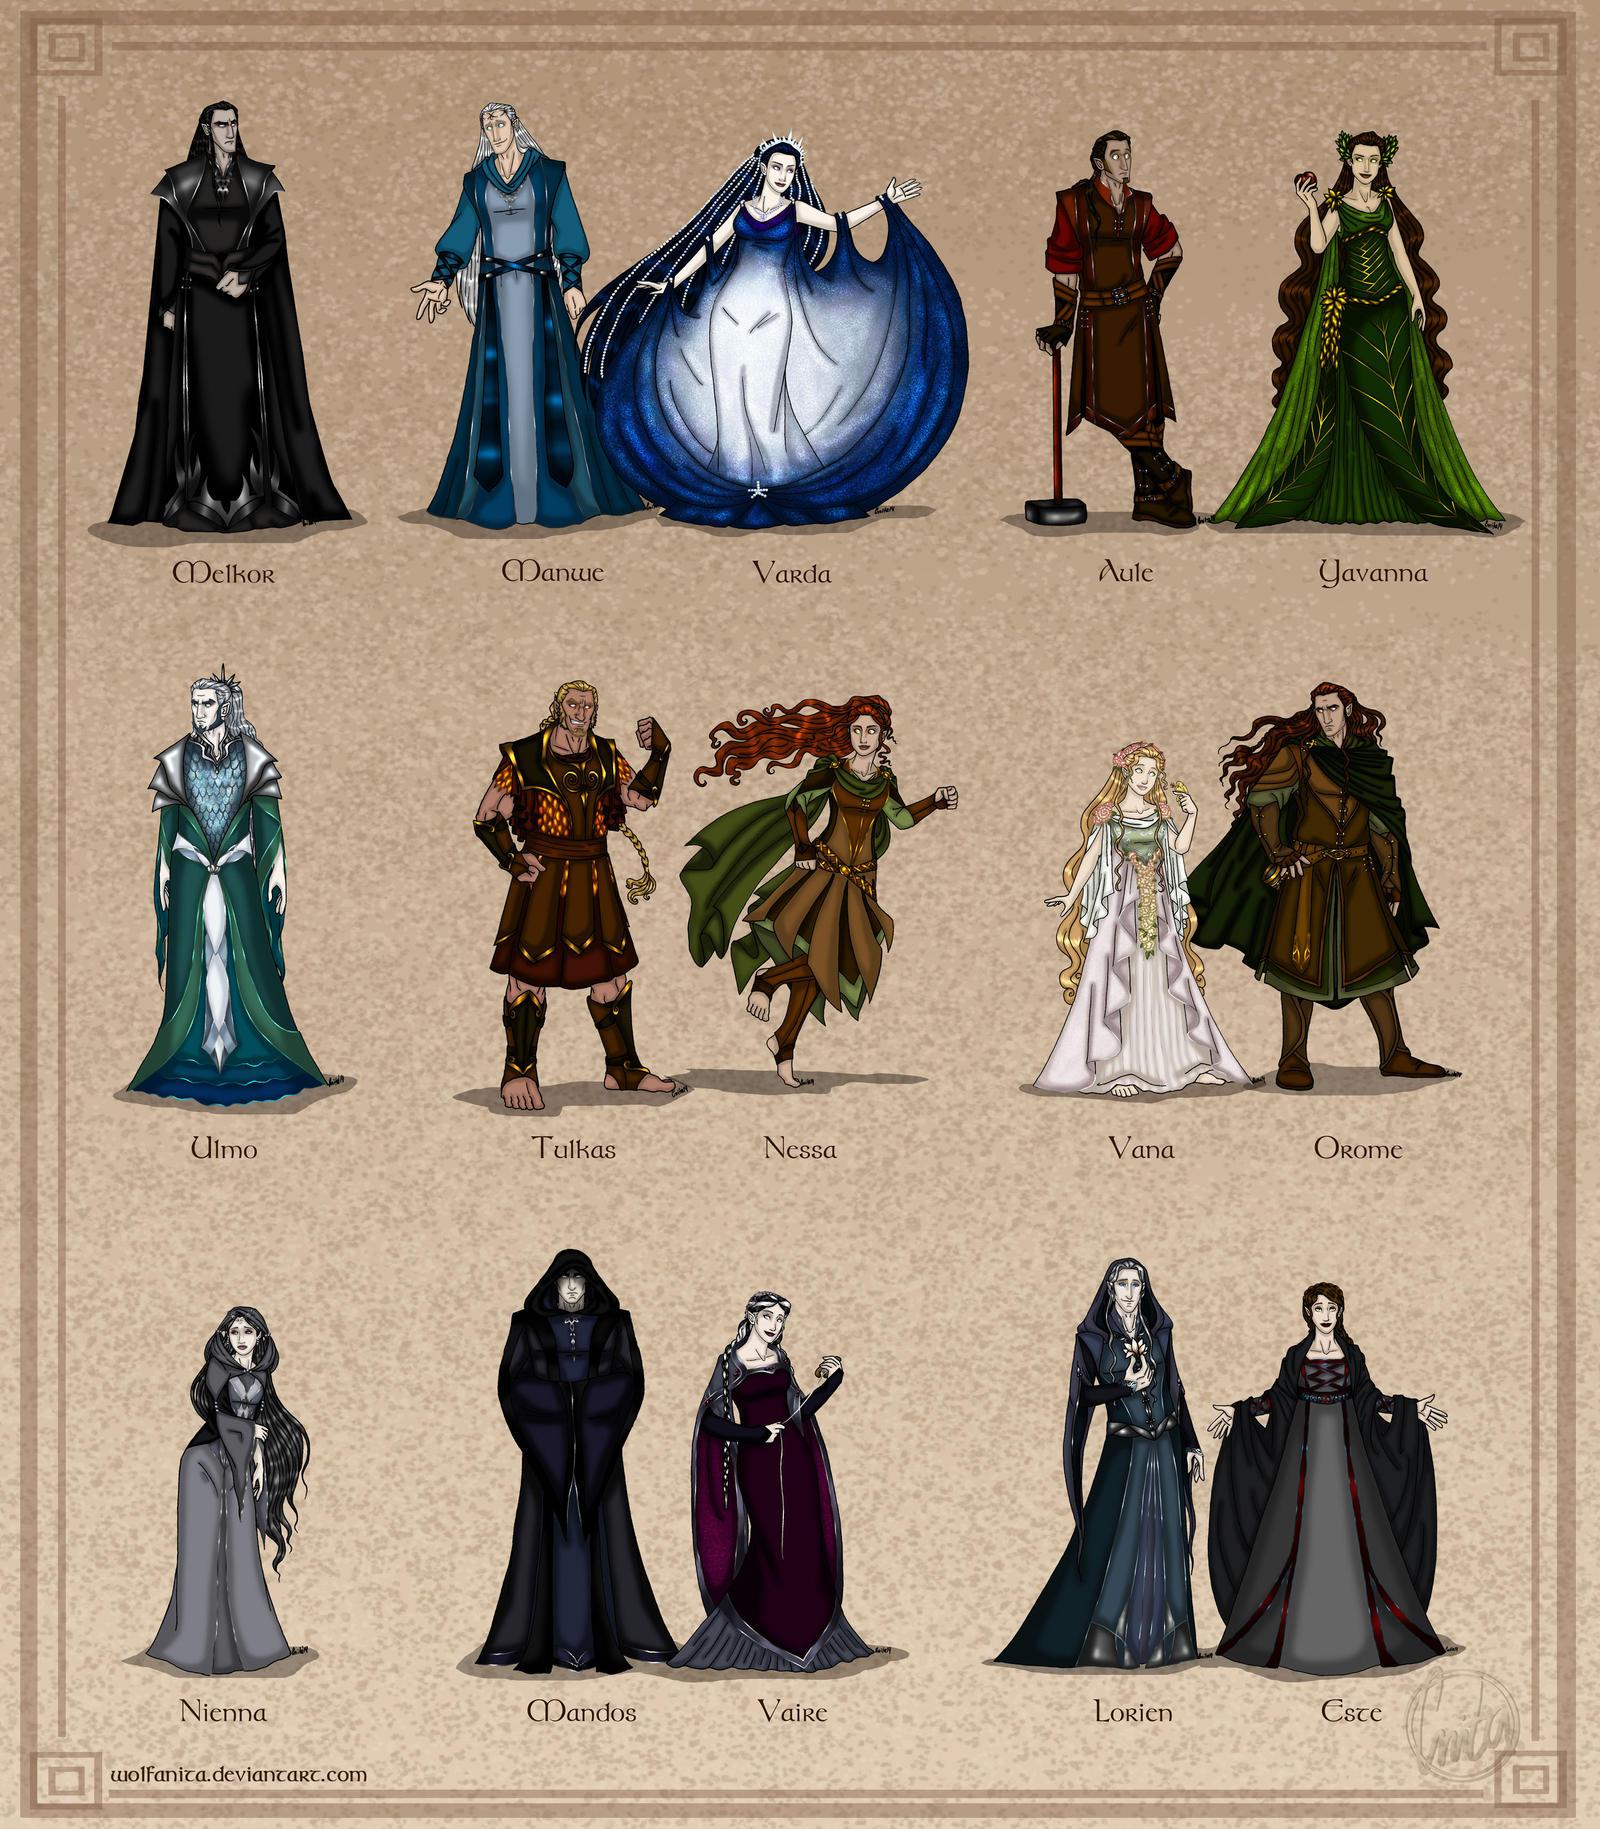 The Silmarillion: The Valar - Couples Version